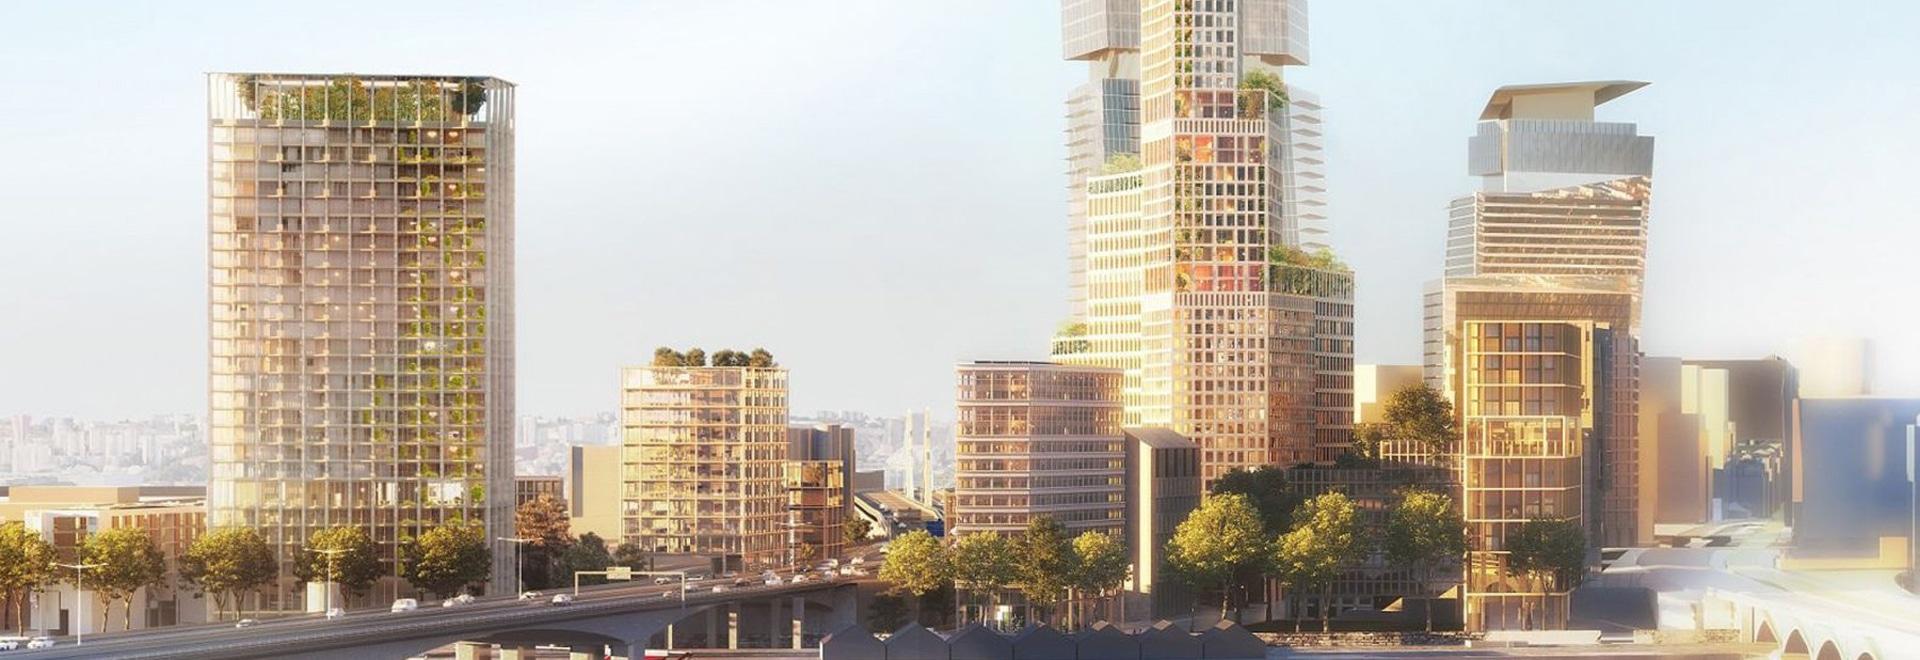 david adjaye parte del team vincente scelto per progettare il nuovo quartiere di Parigi